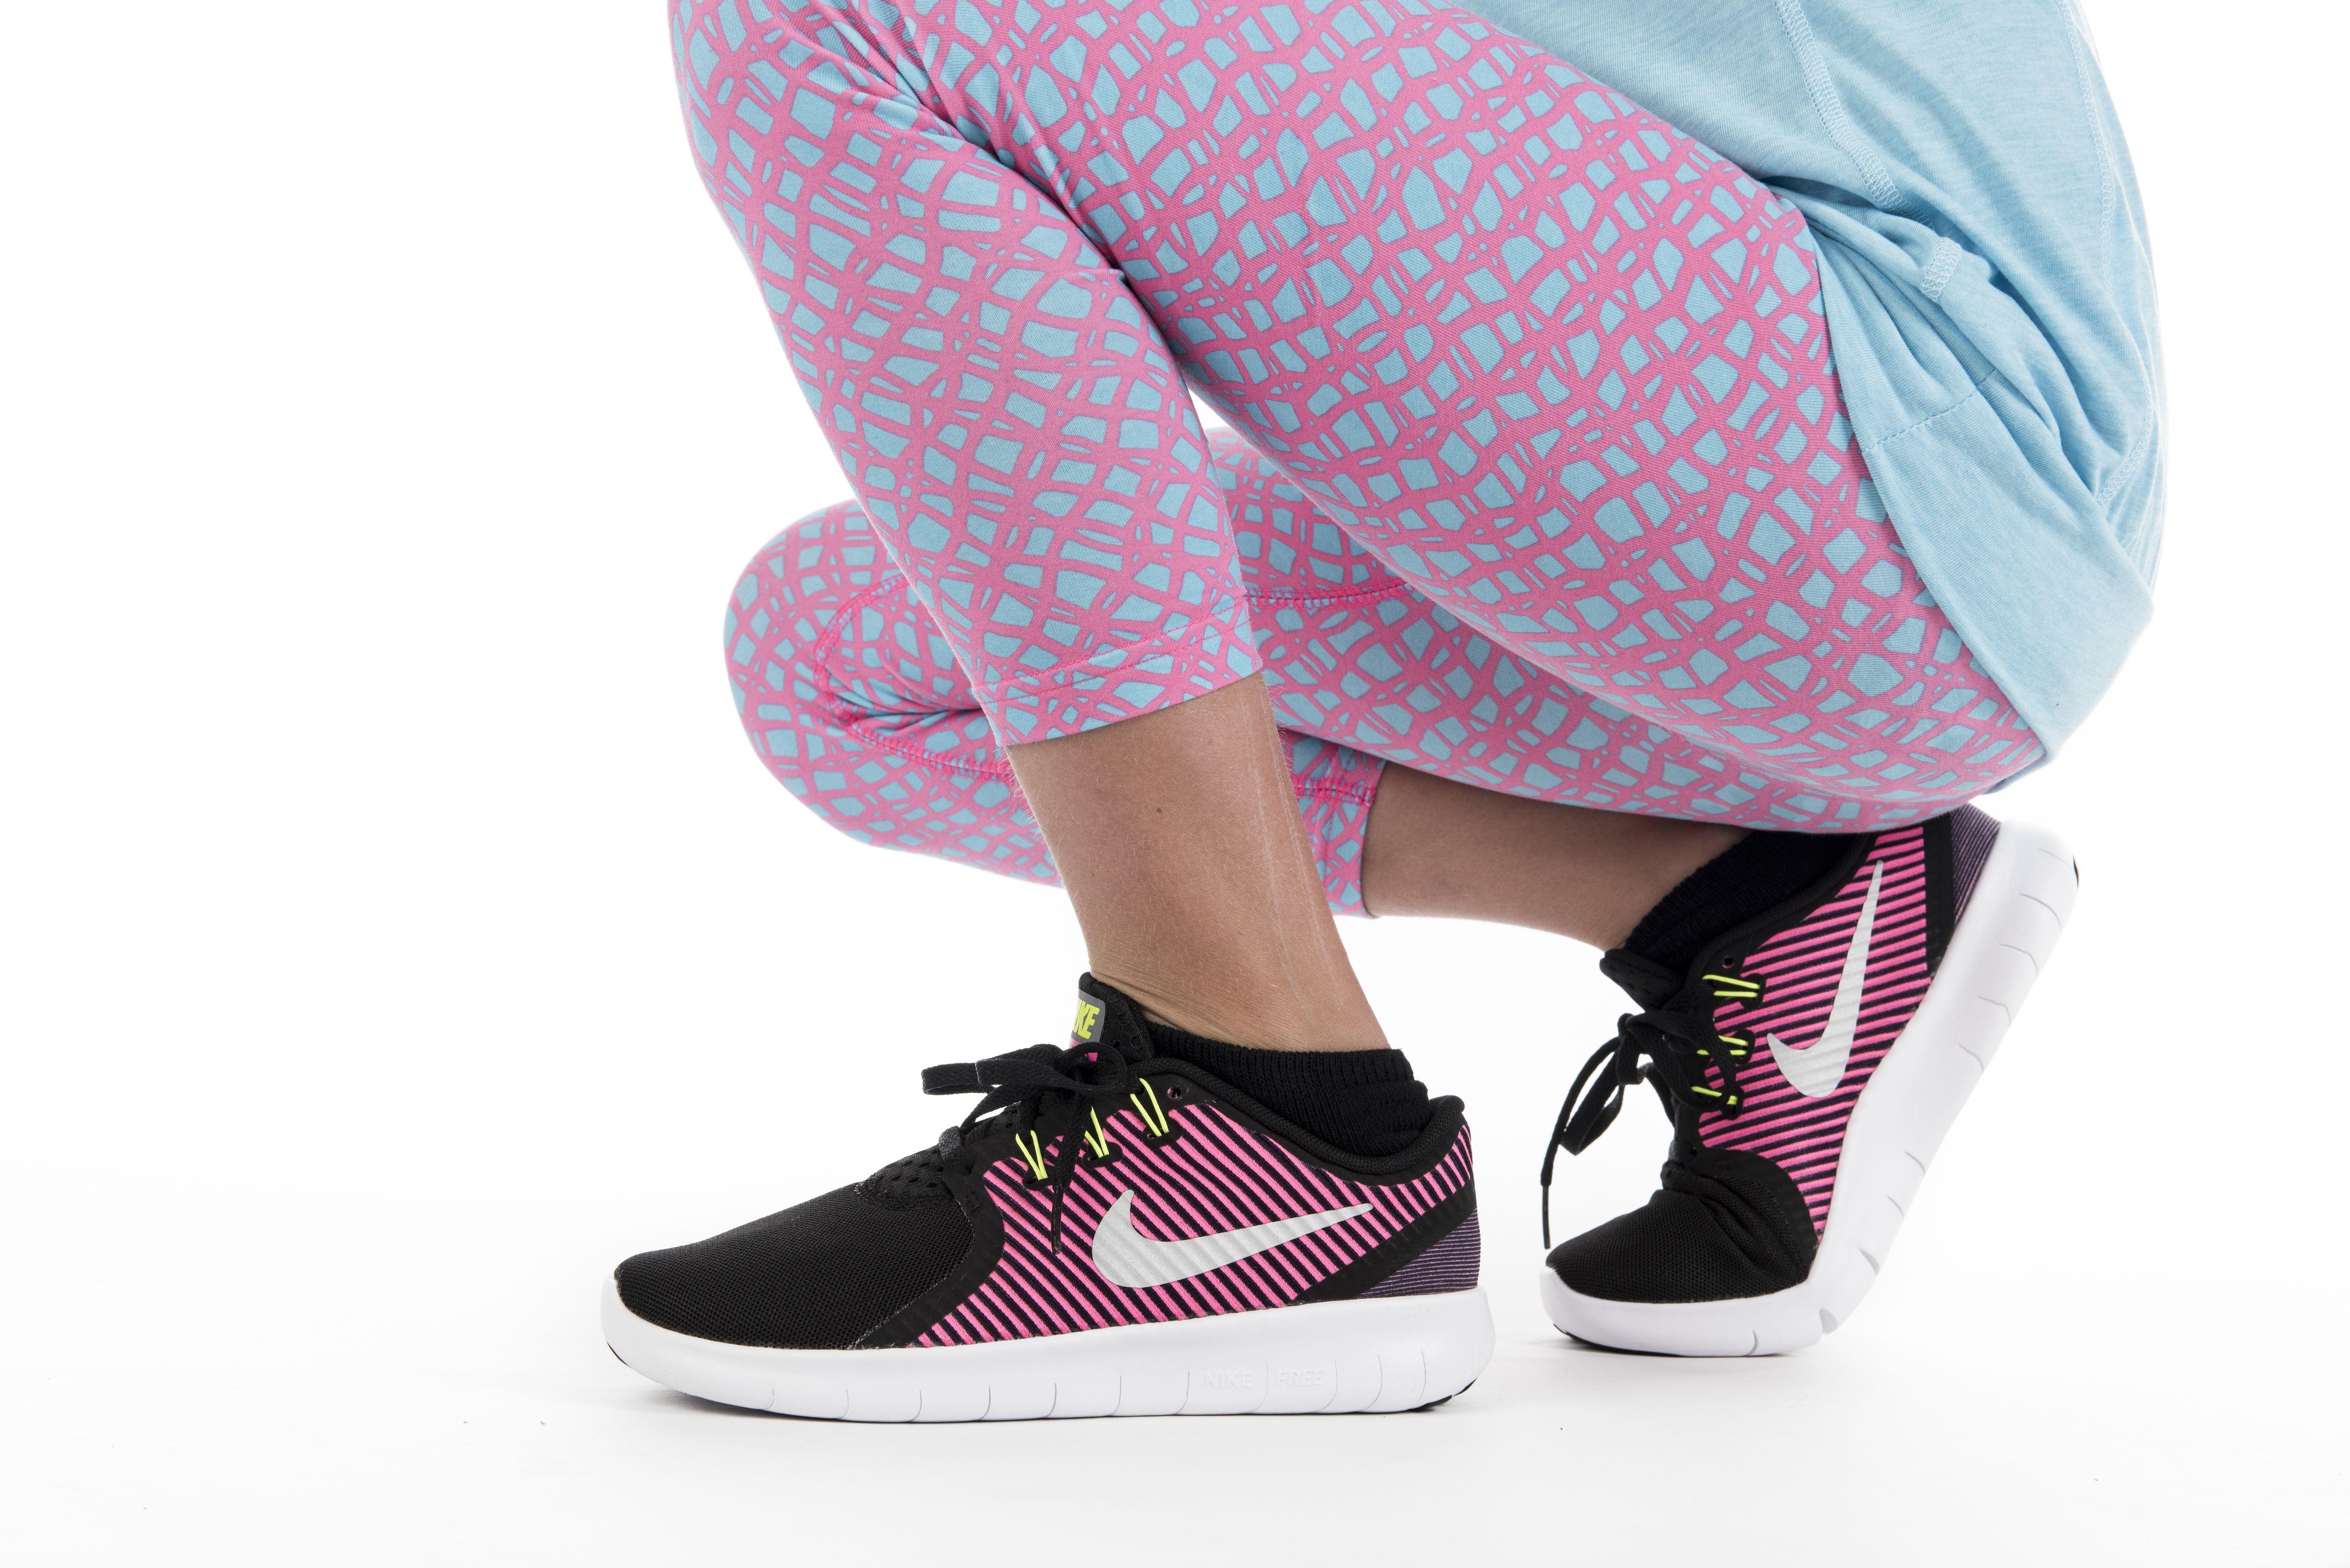 le ragazze belle scarpe nike libera rn pendolari pinterest scarpe da corsa